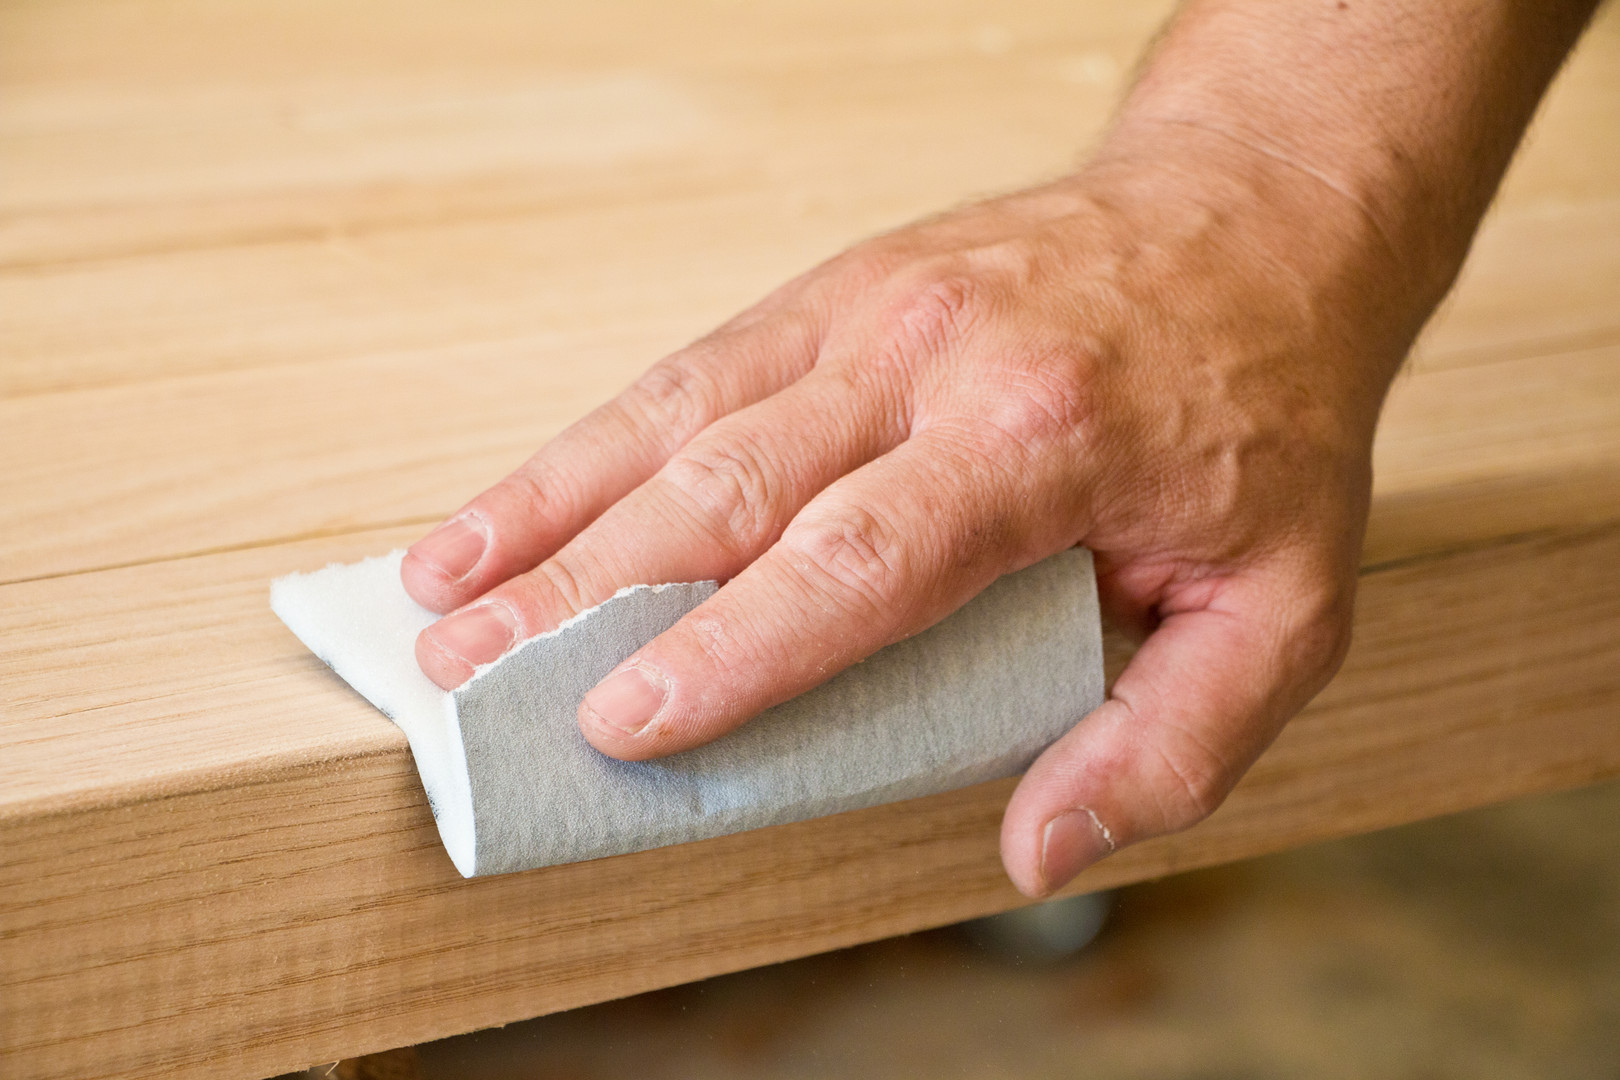 schuurpapier kopen in online winkel